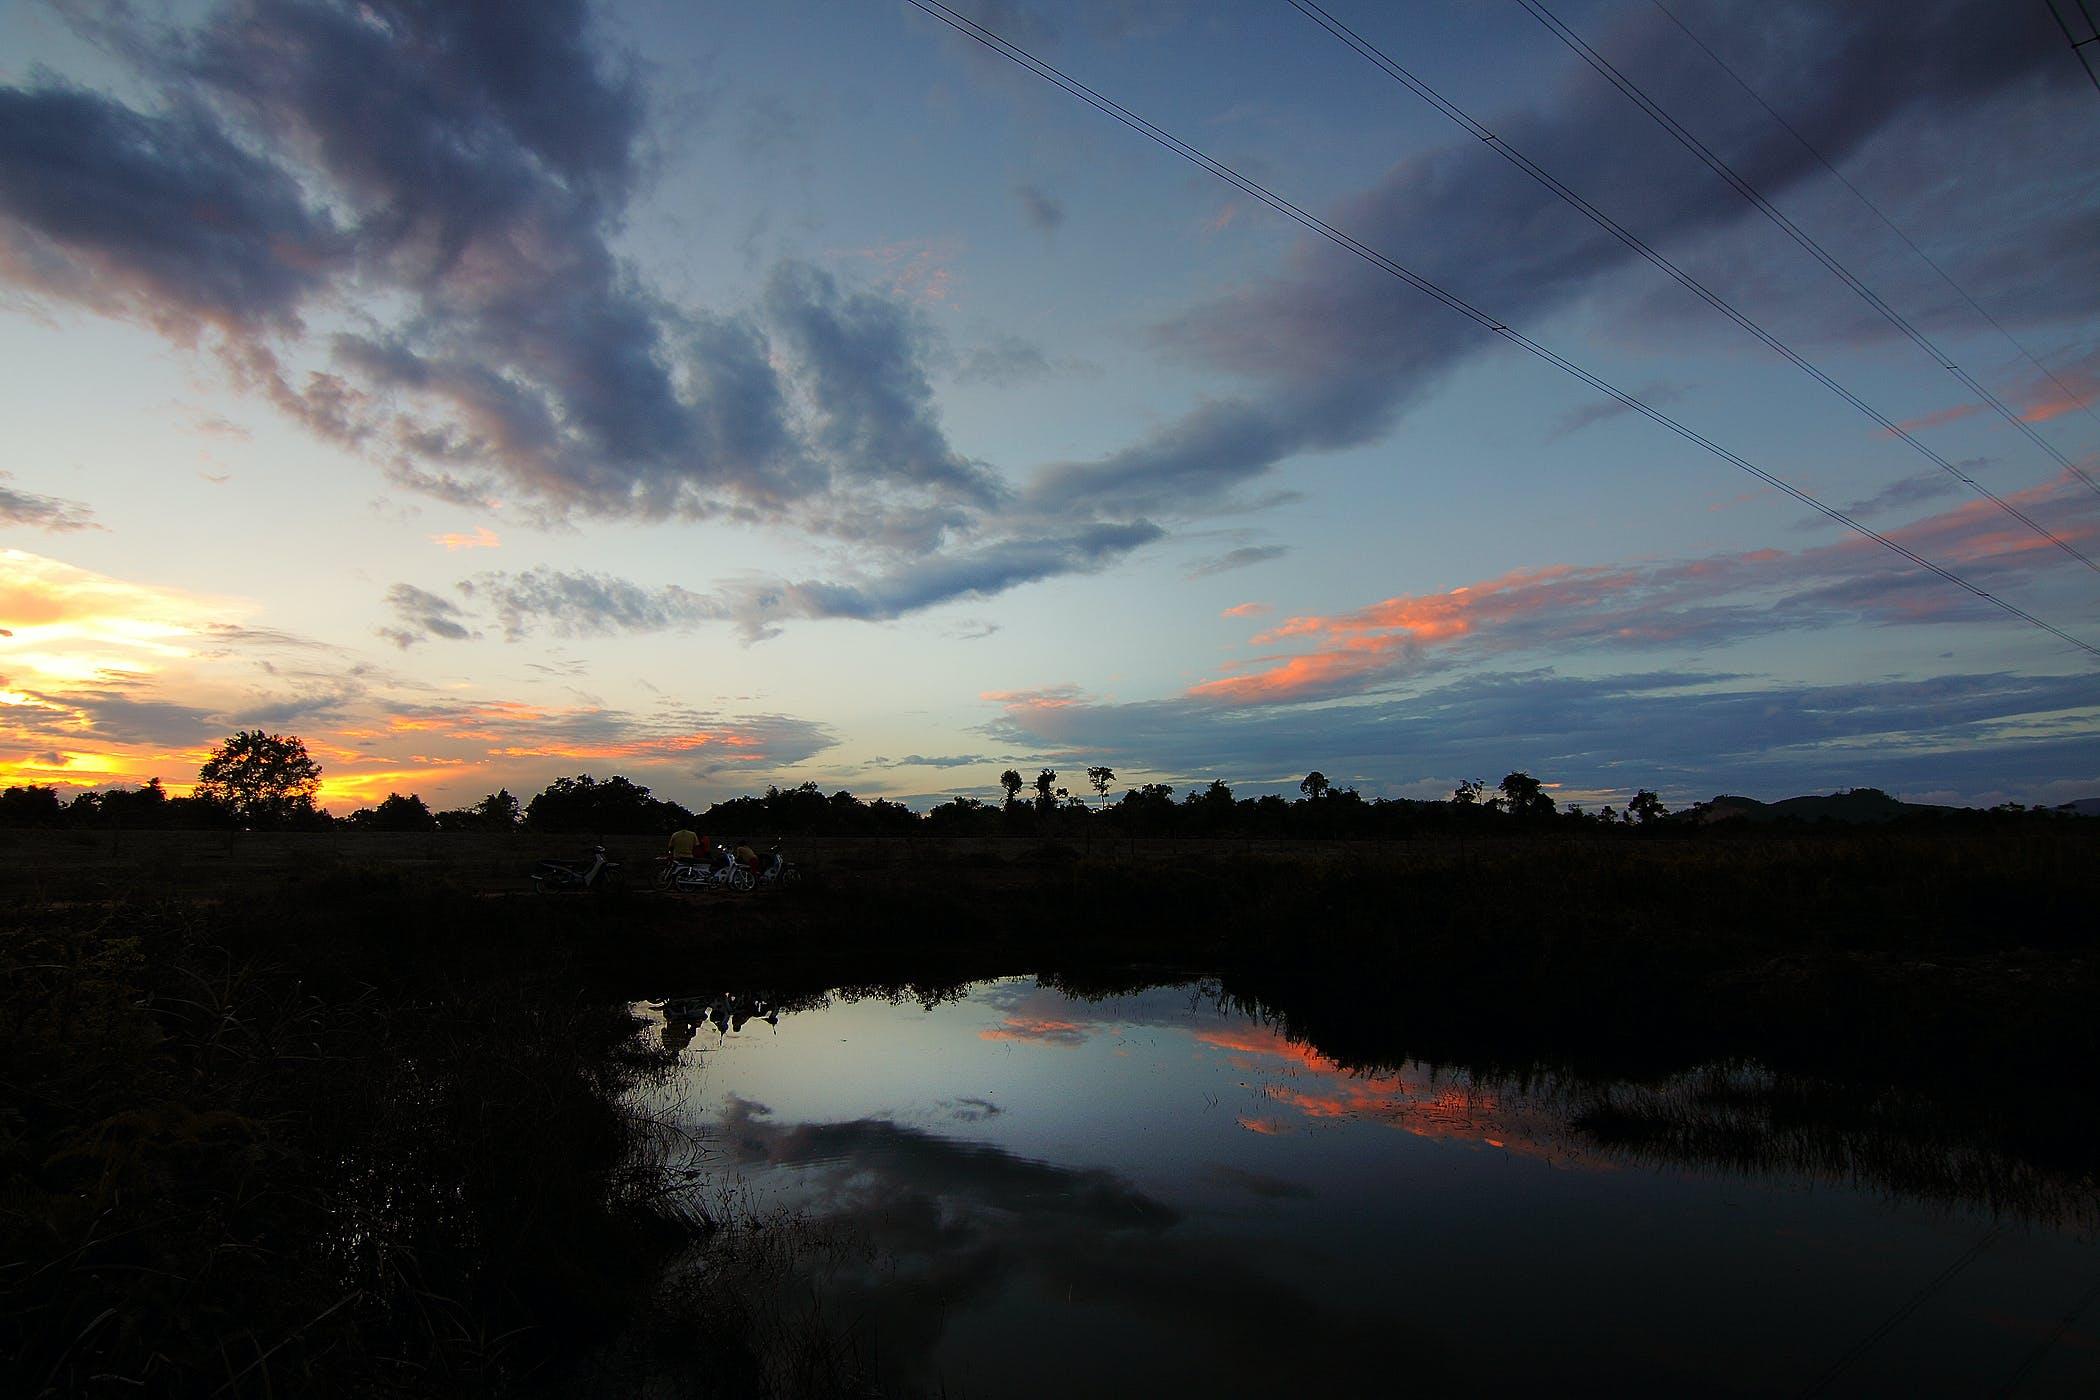 clouds, colors, dawn